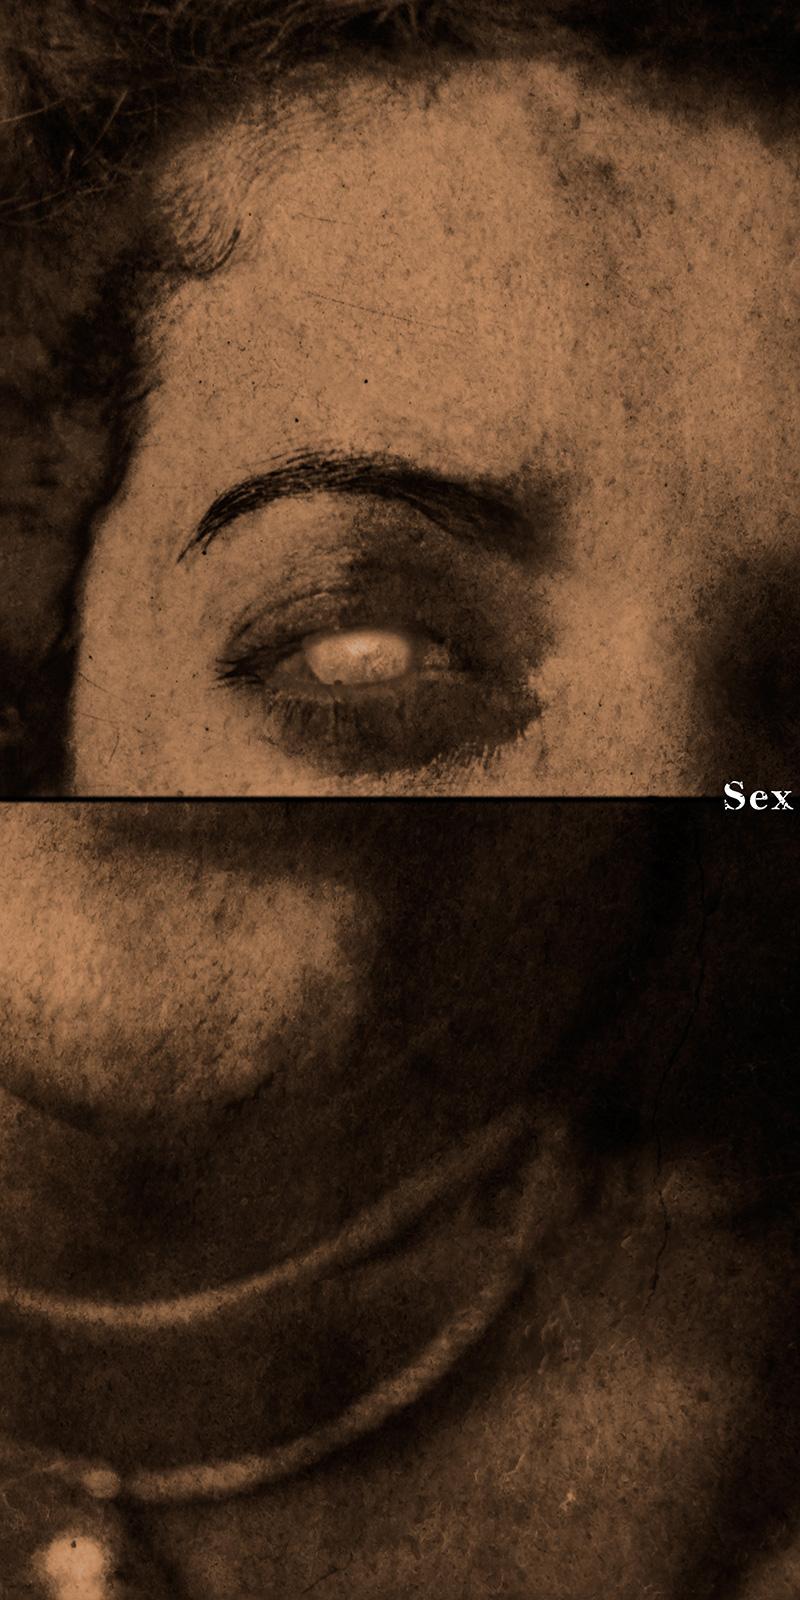 Frances (Sex)